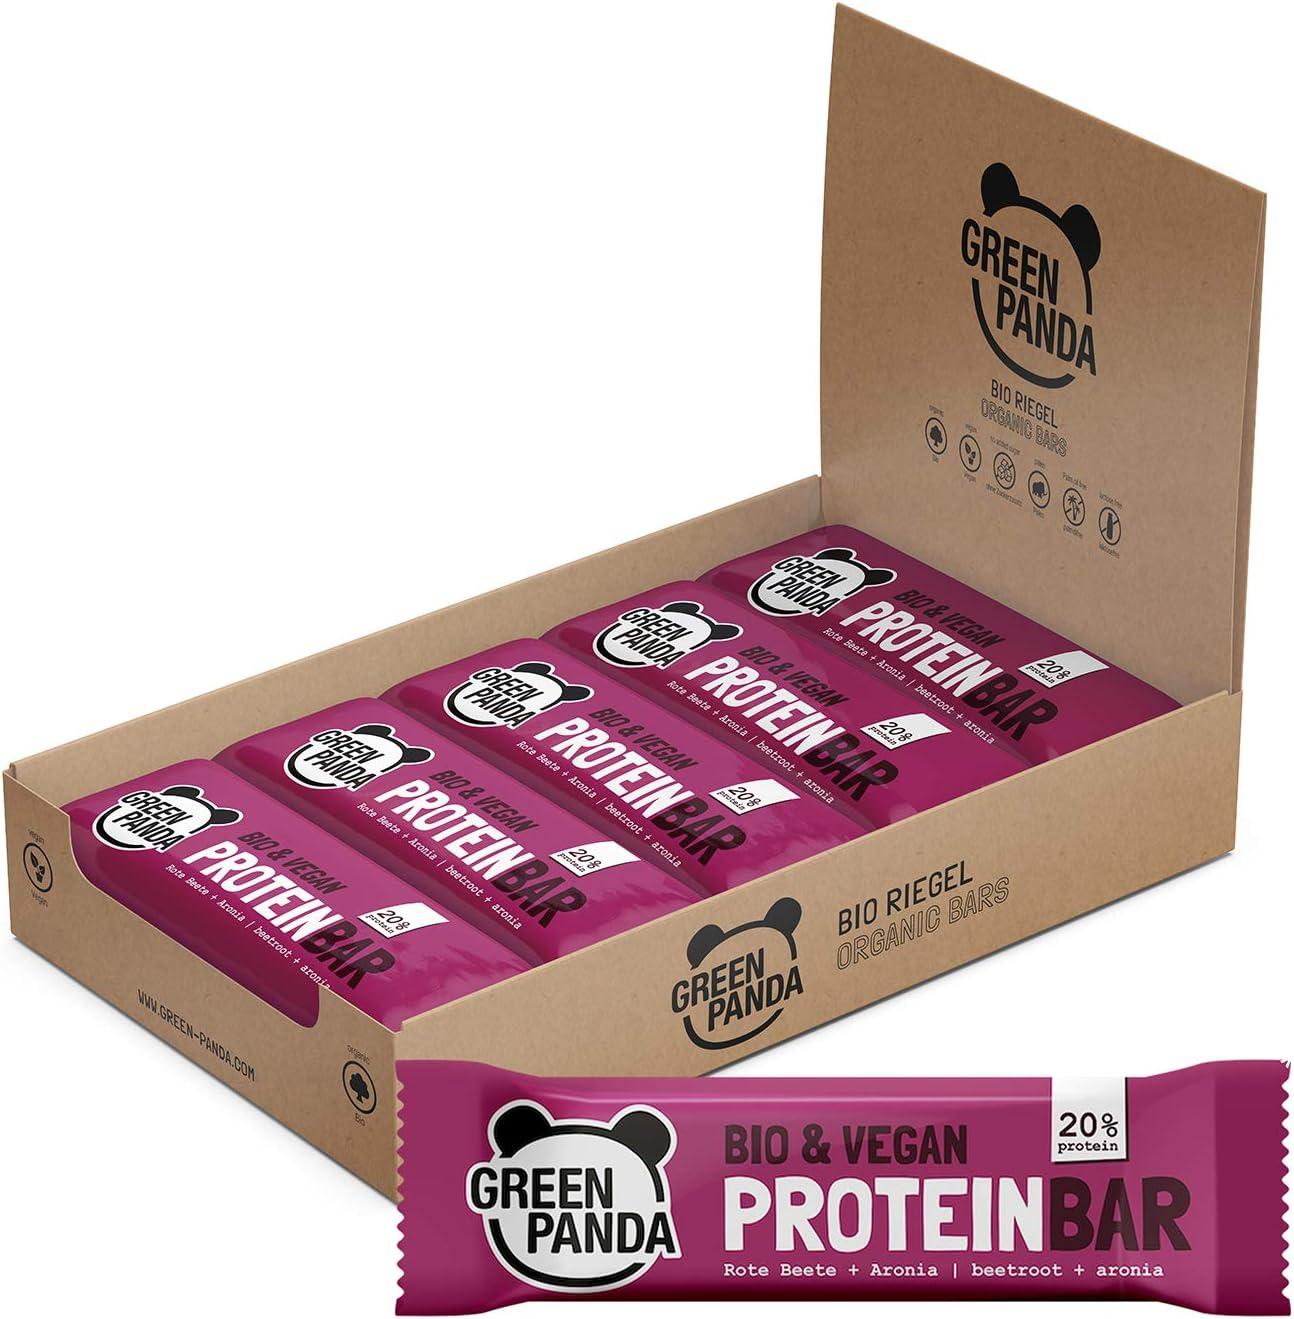 Barritas proteicas veganas sin azúcar con mas del 20% de proteínas vegetales (proteínas de semillas de calabaza, cáñamo y semillas de girasol), 3 sabores diferentes (Remolachas y Aronia)